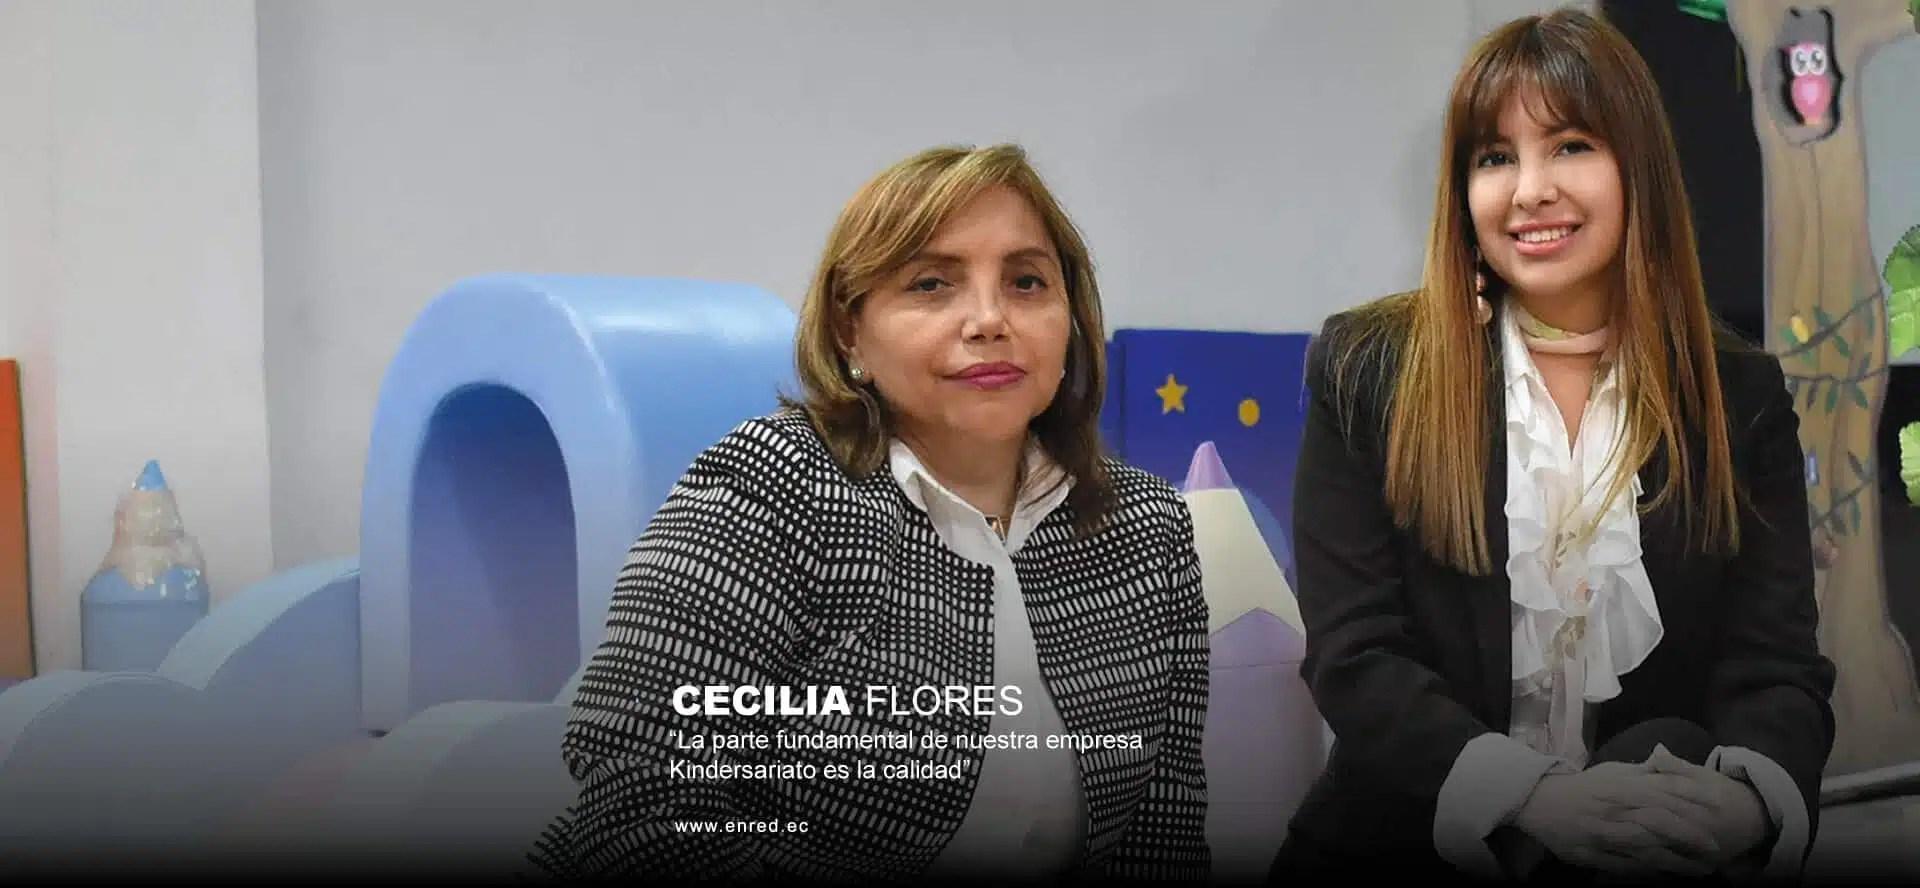 Cecilia Flores - Kindersariato